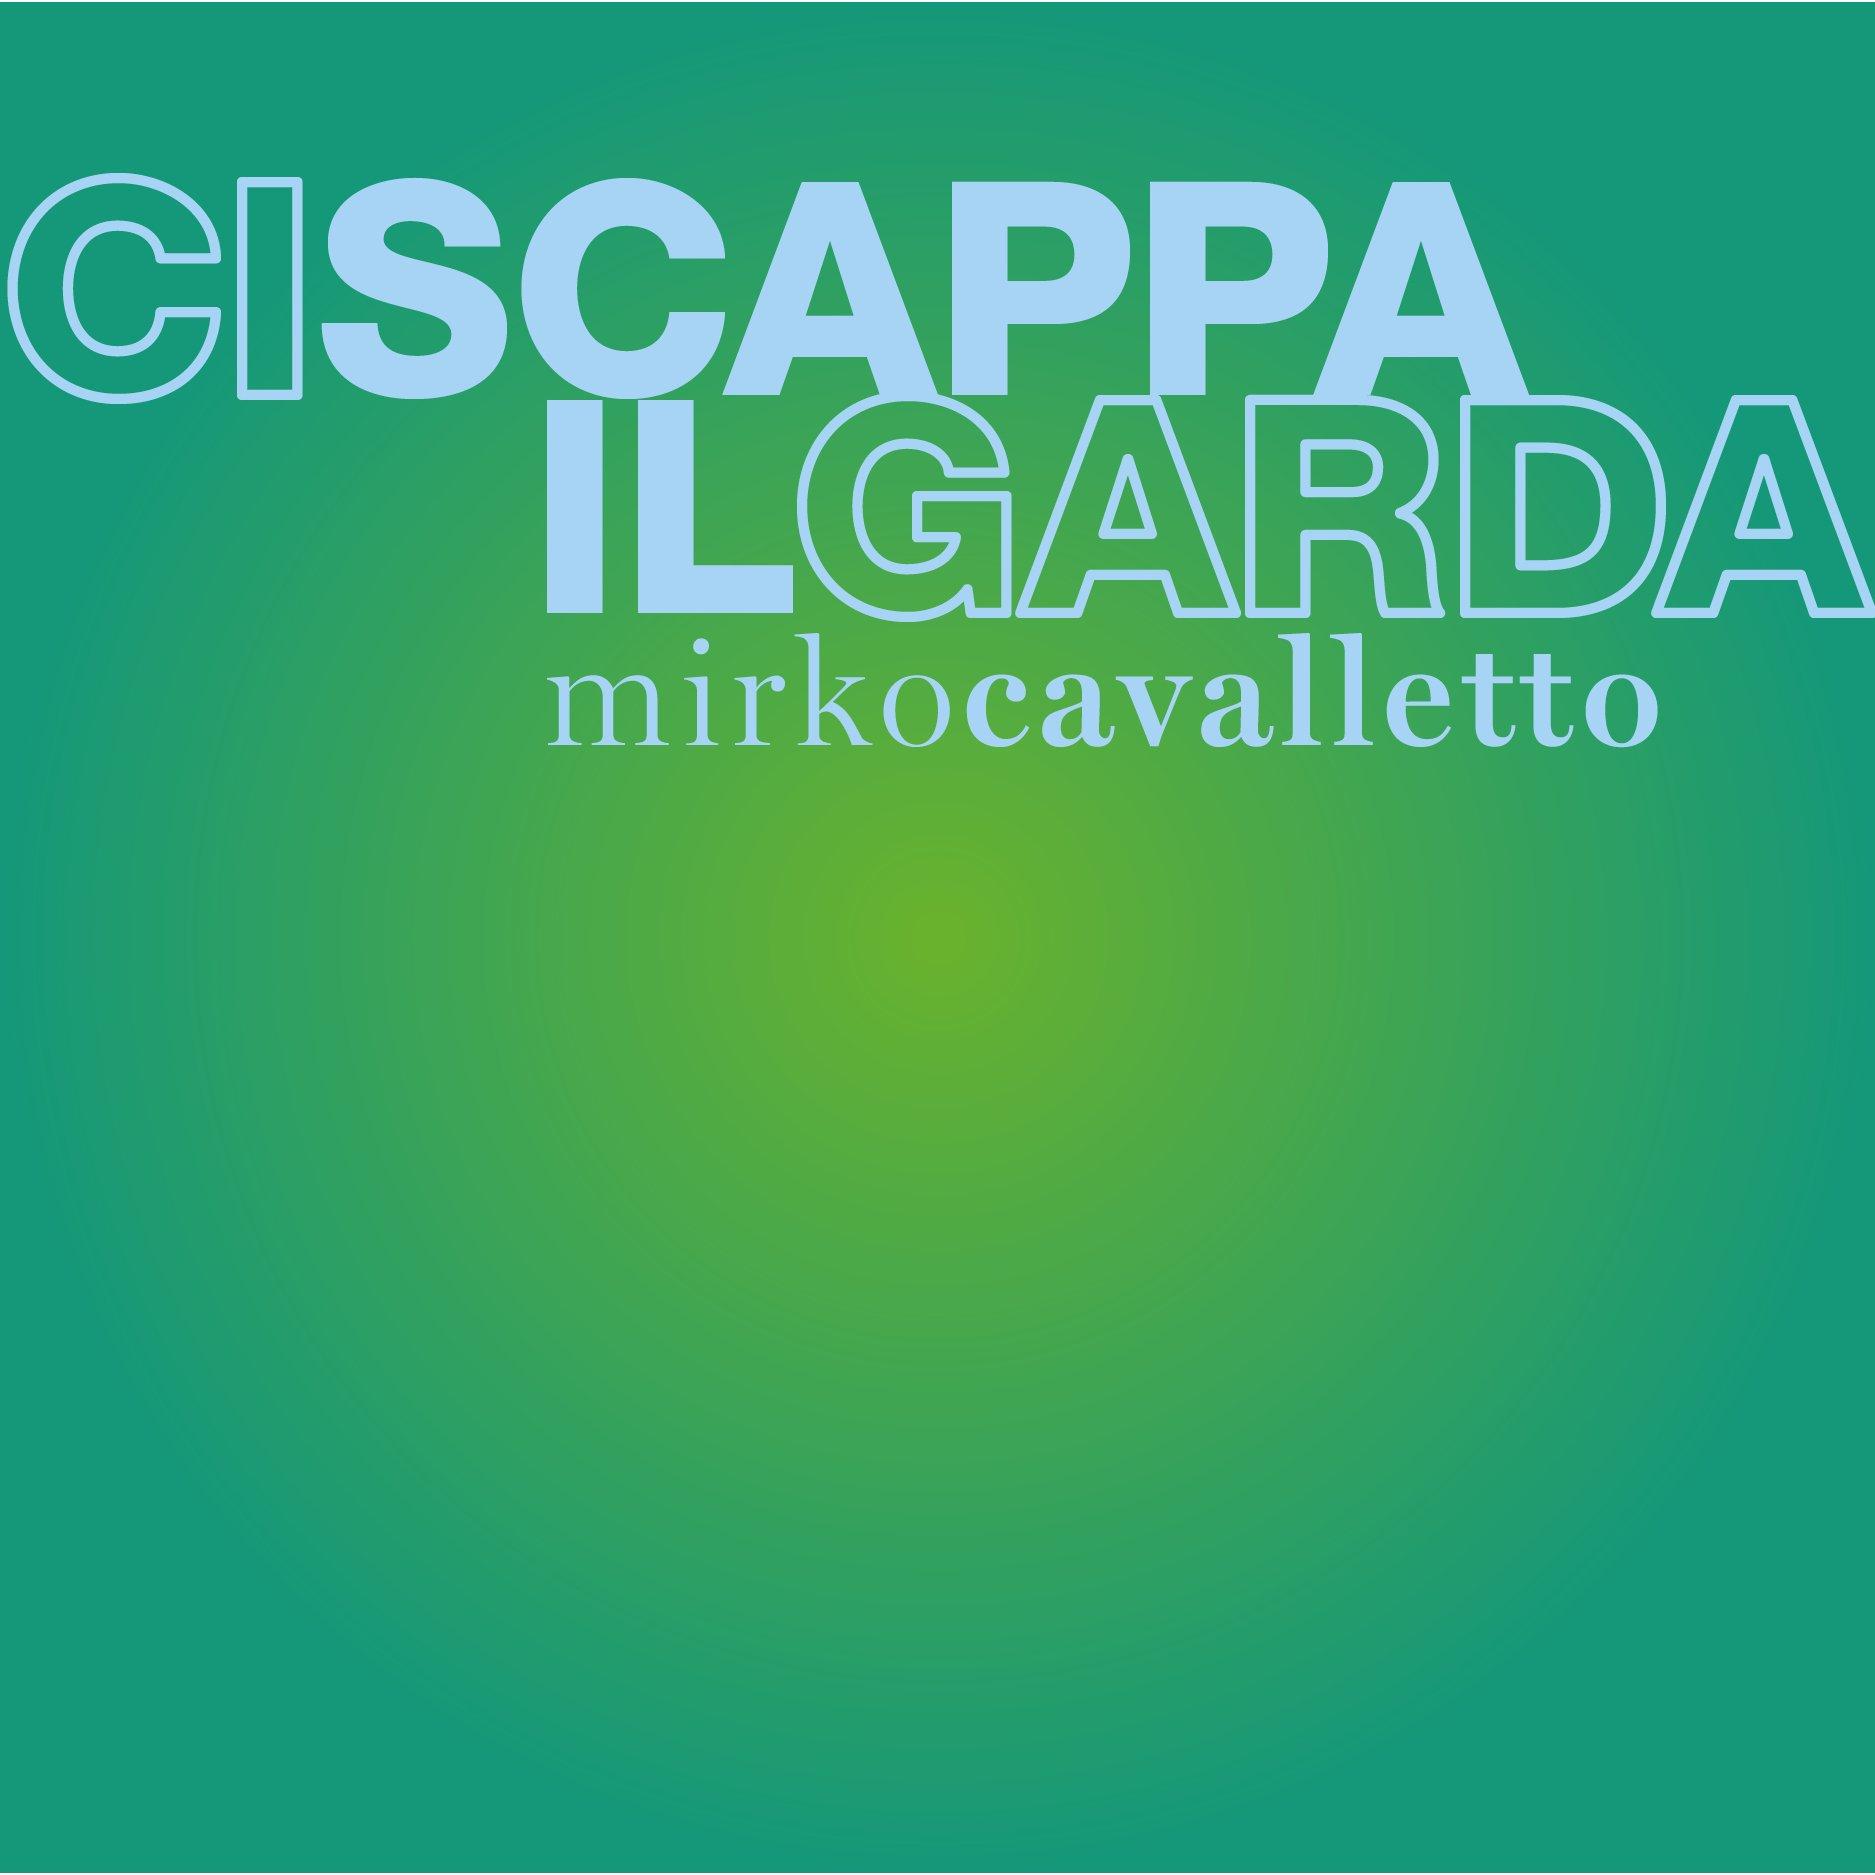 Ciscappailgarda / presentazione con l'autore